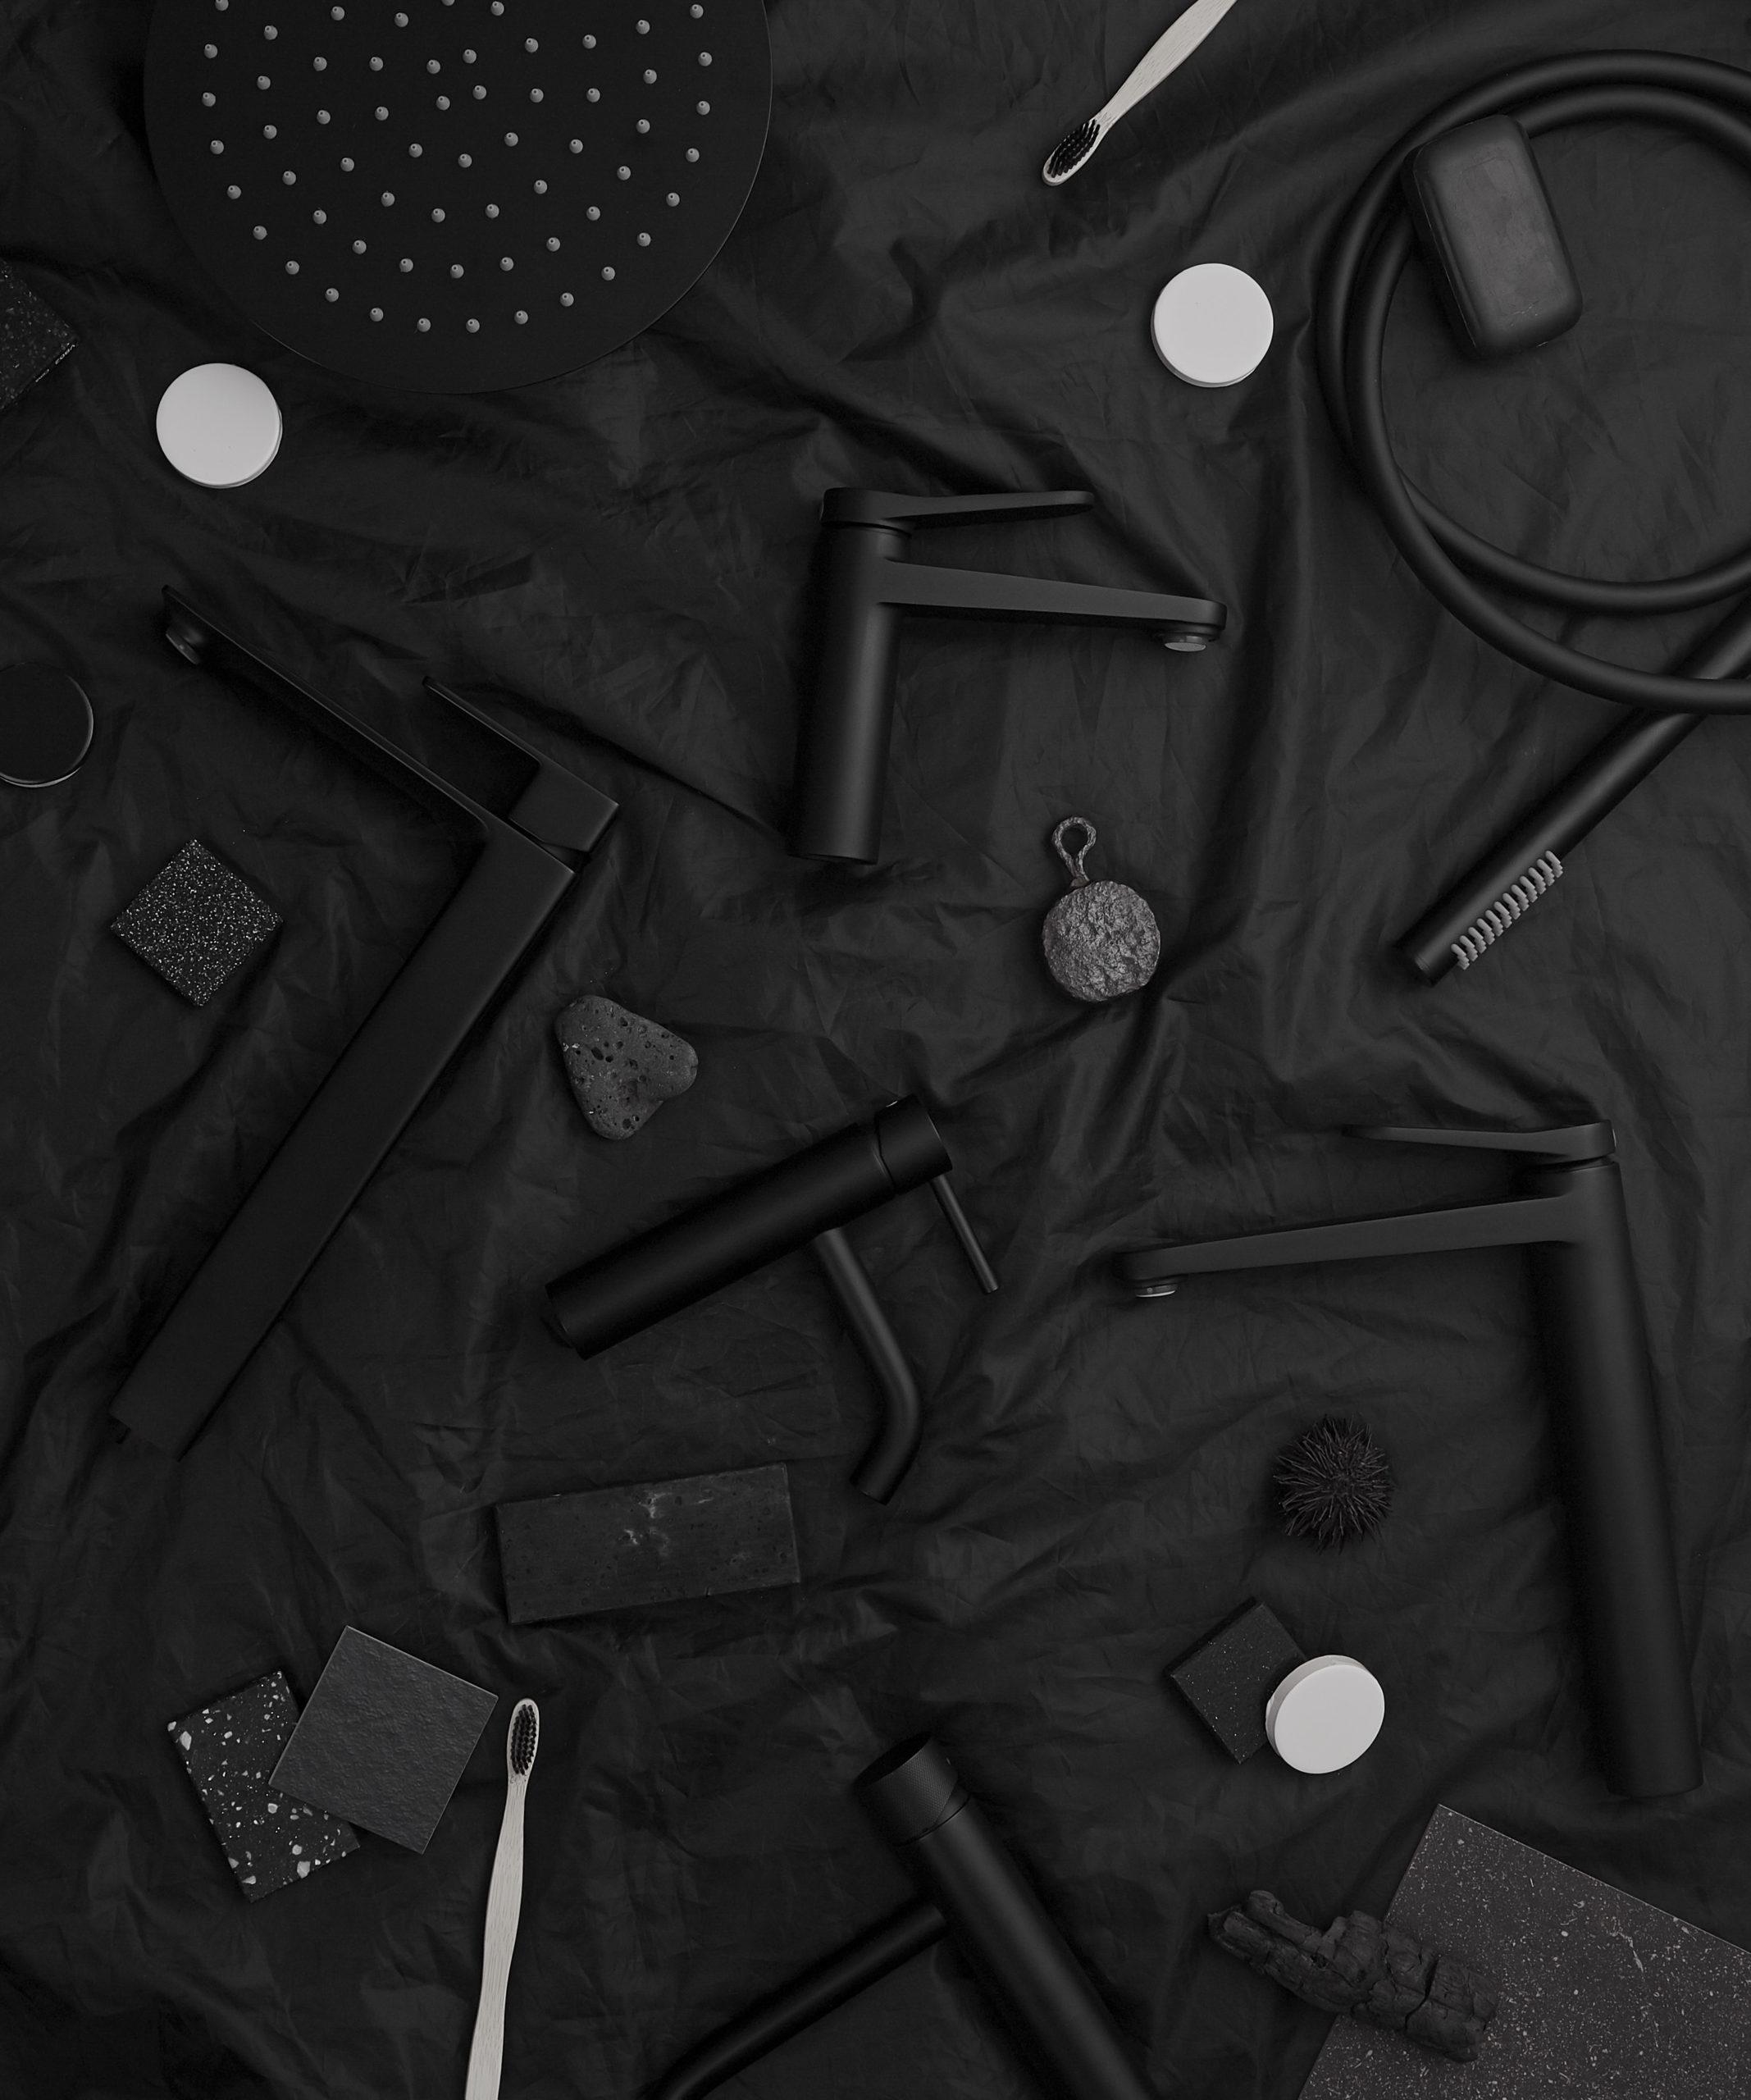 LOOP-MOOD-09-BLACK